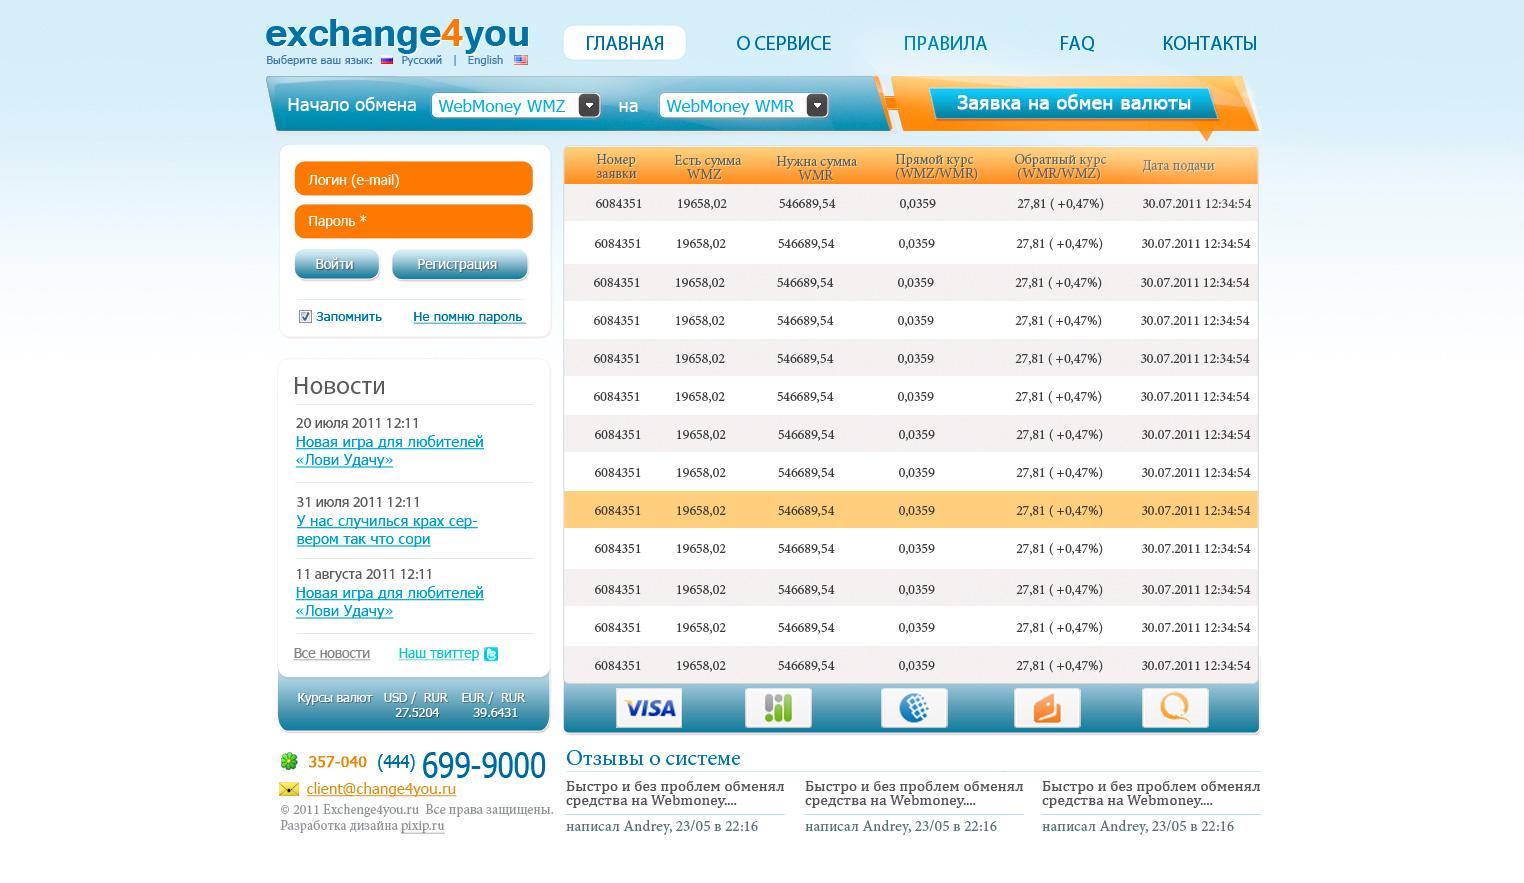 Дизайн сайта обменика.